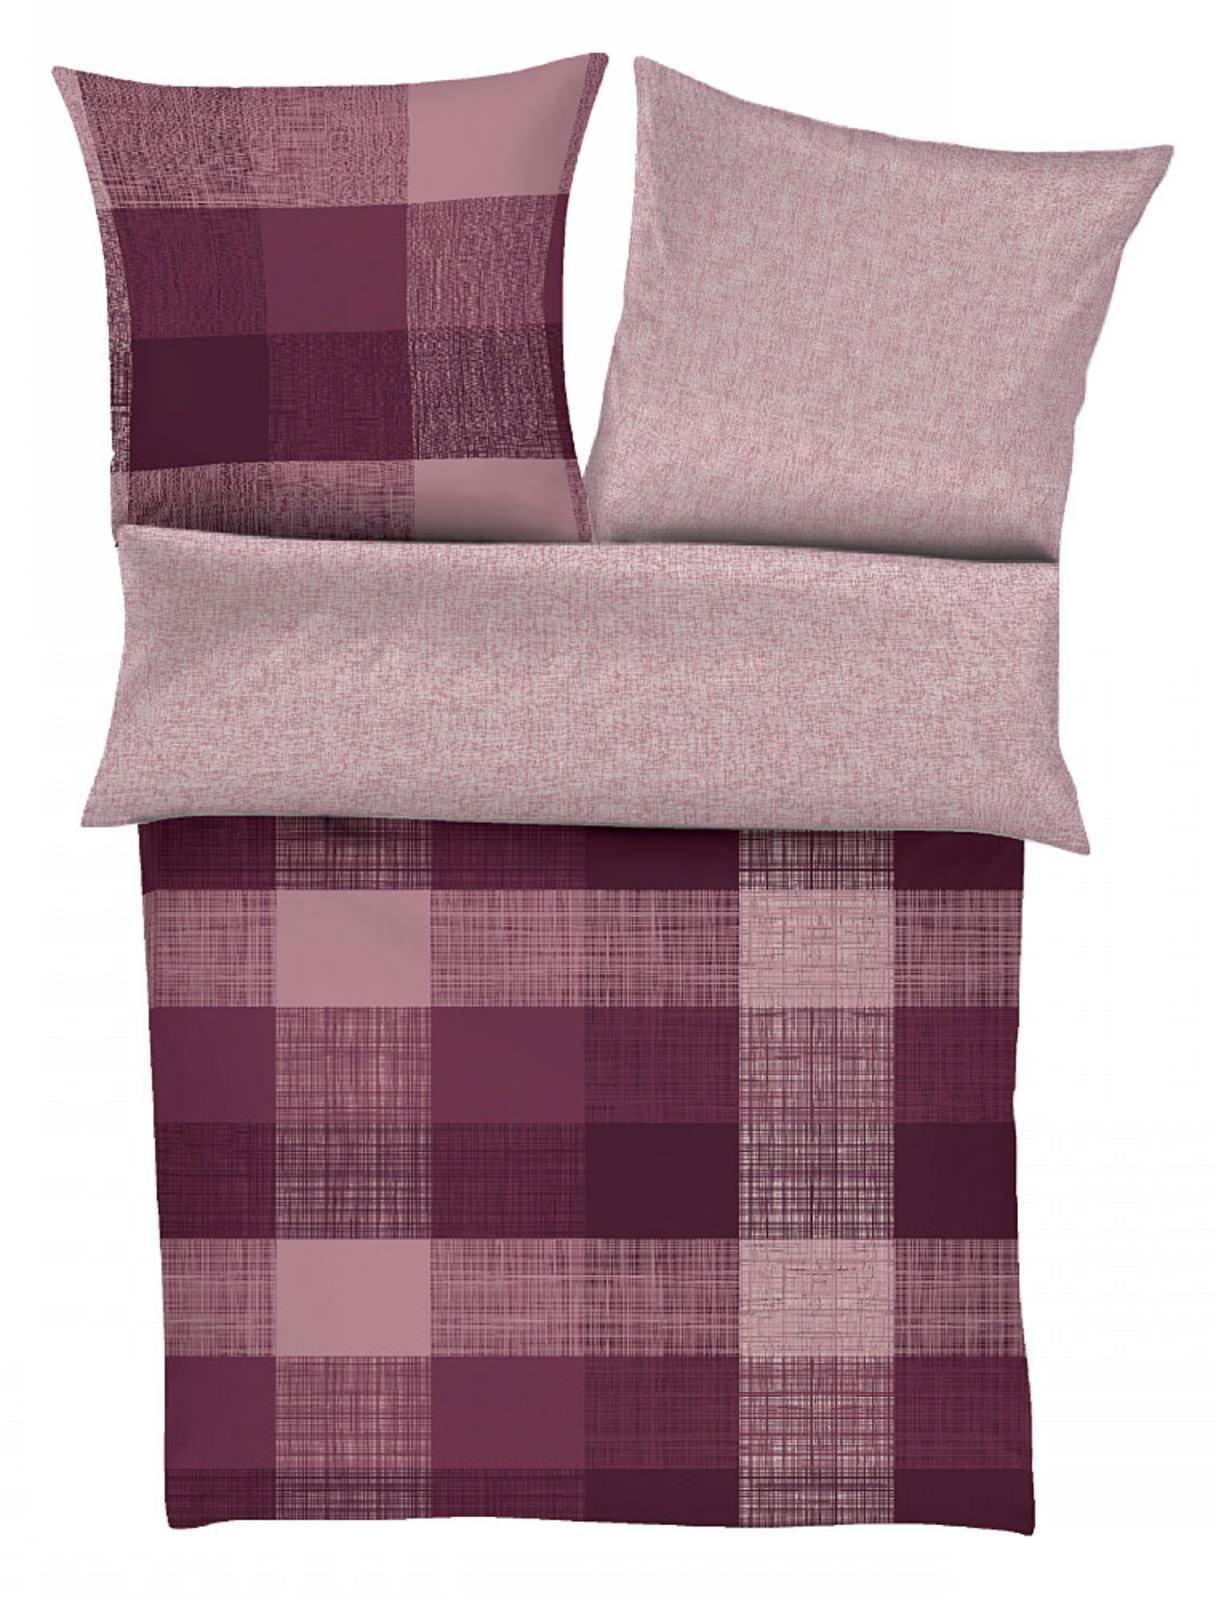 s oliver s oliver satin bettw sche online entdecken knuffmann ihr m belhaus. Black Bedroom Furniture Sets. Home Design Ideas